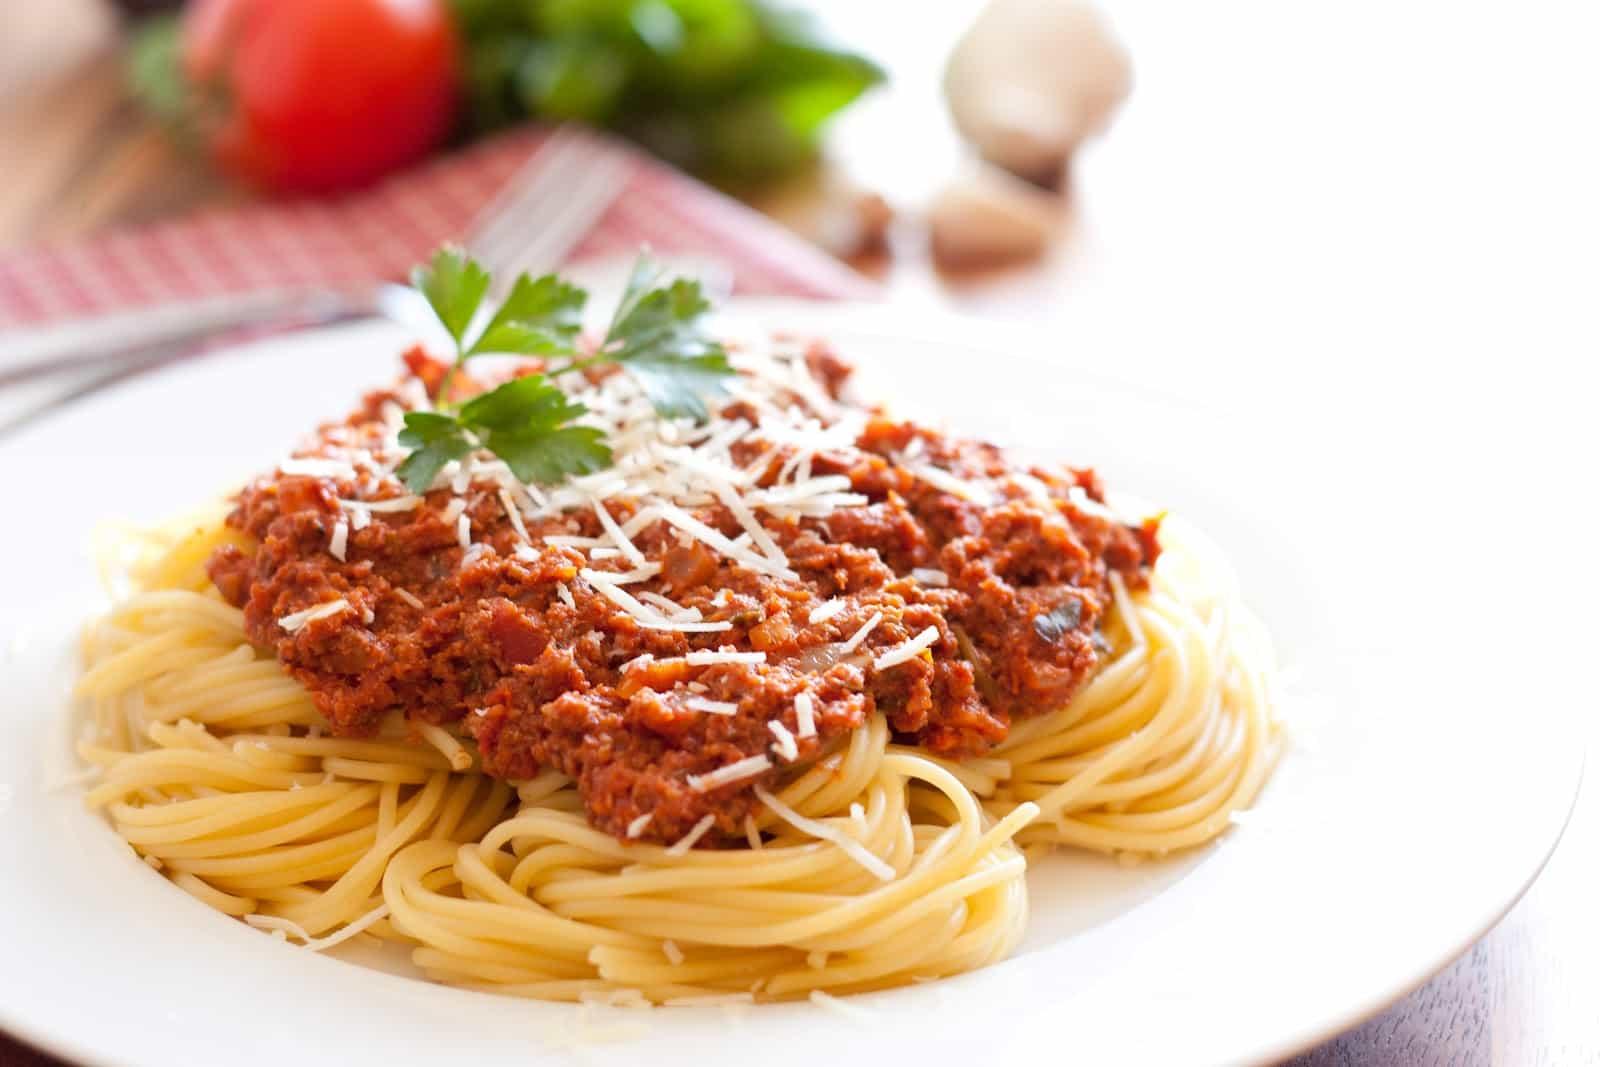 سرو اسپاگتی در ایتالیا داستان متفاوتی دارد!